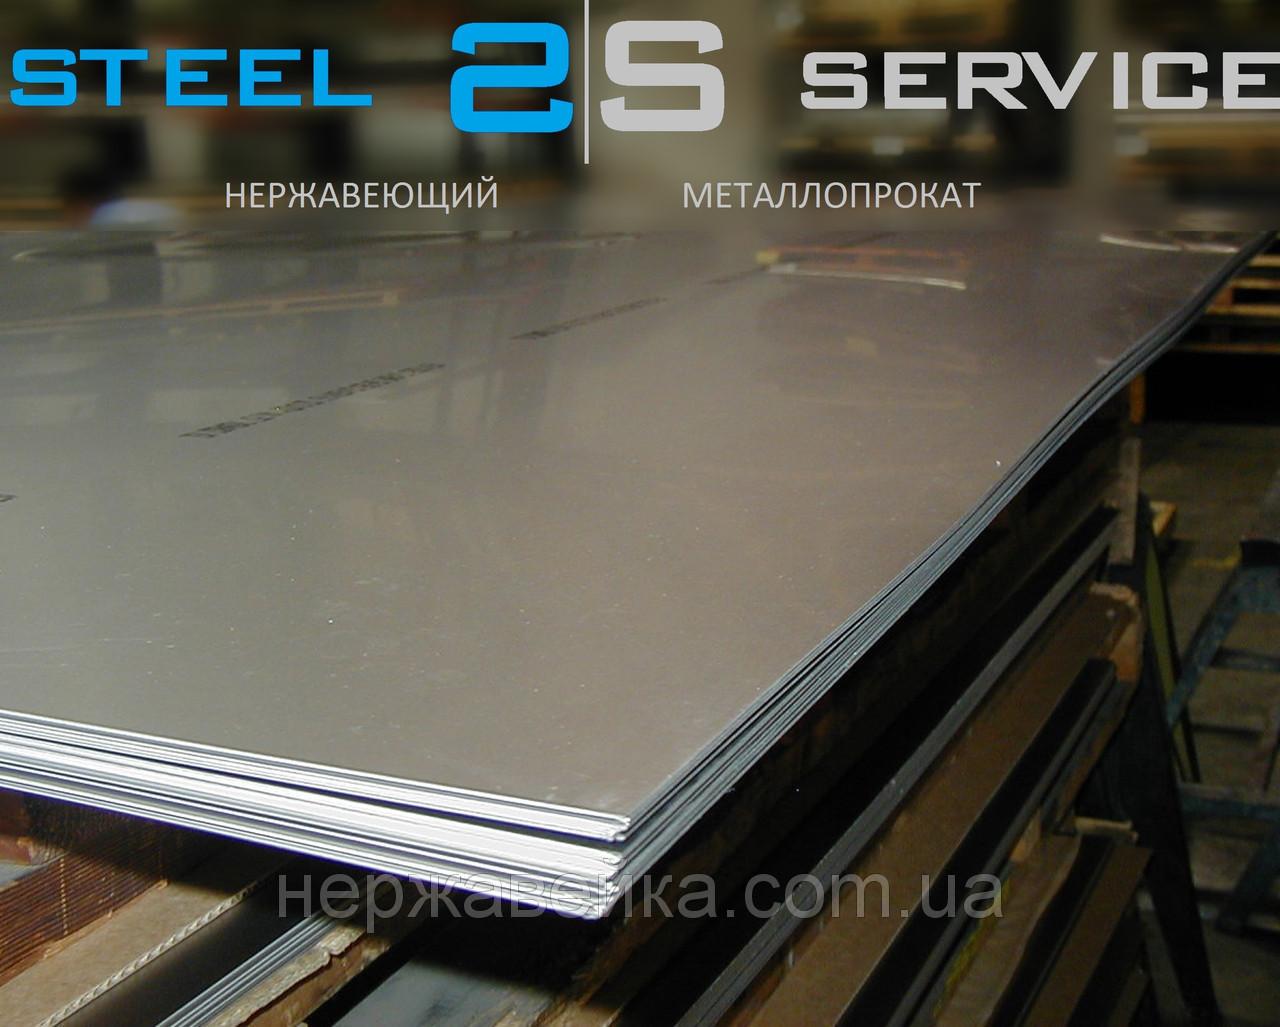 Нержавейка лист 0,5х1000х2000мм AISI 430(12Х17) 4N - шлифованный, технический